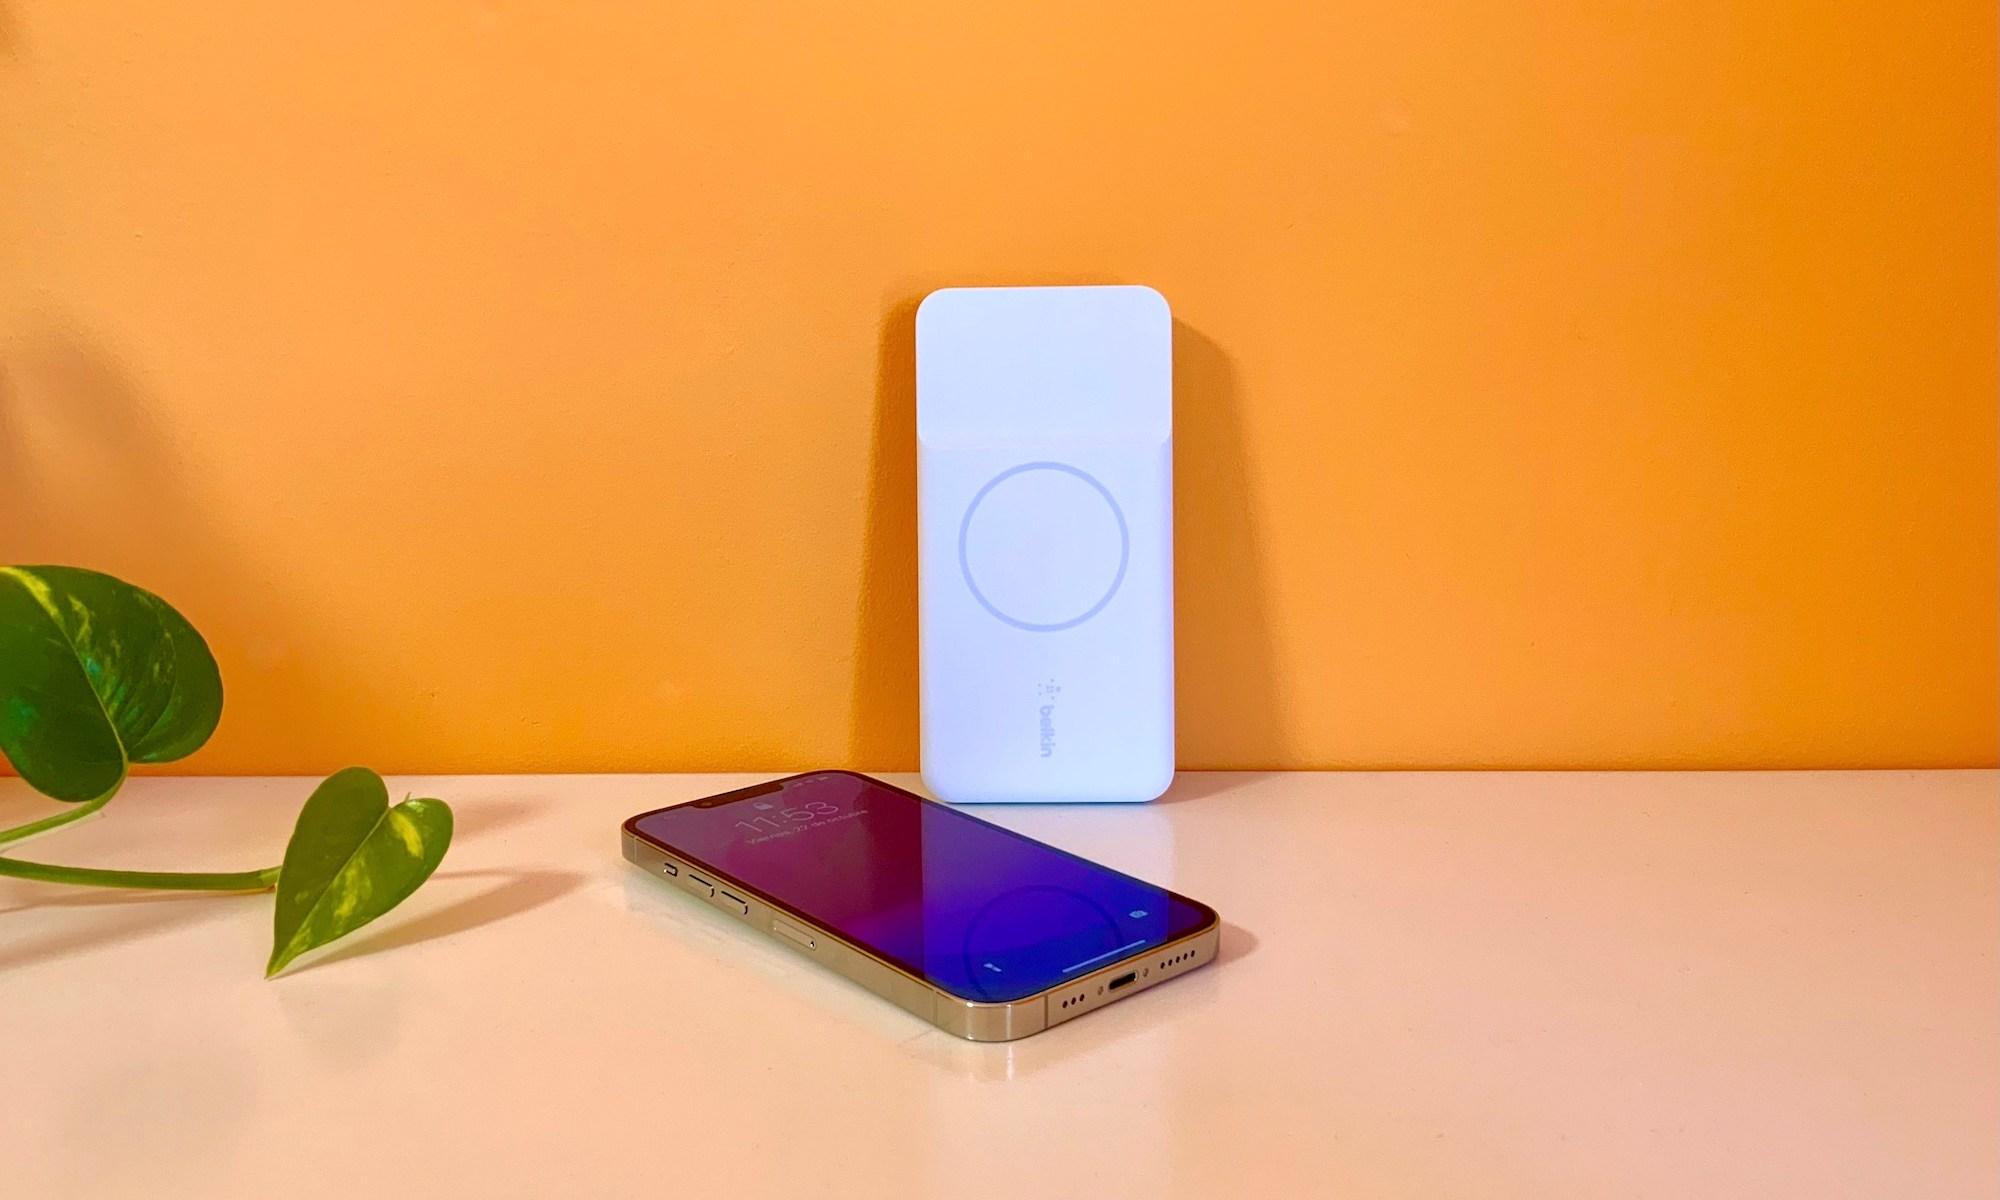 Magnetic Portable Wireless de Belkin, una gran batería MagSafe para disfrutar más horas de nuestro iPhone